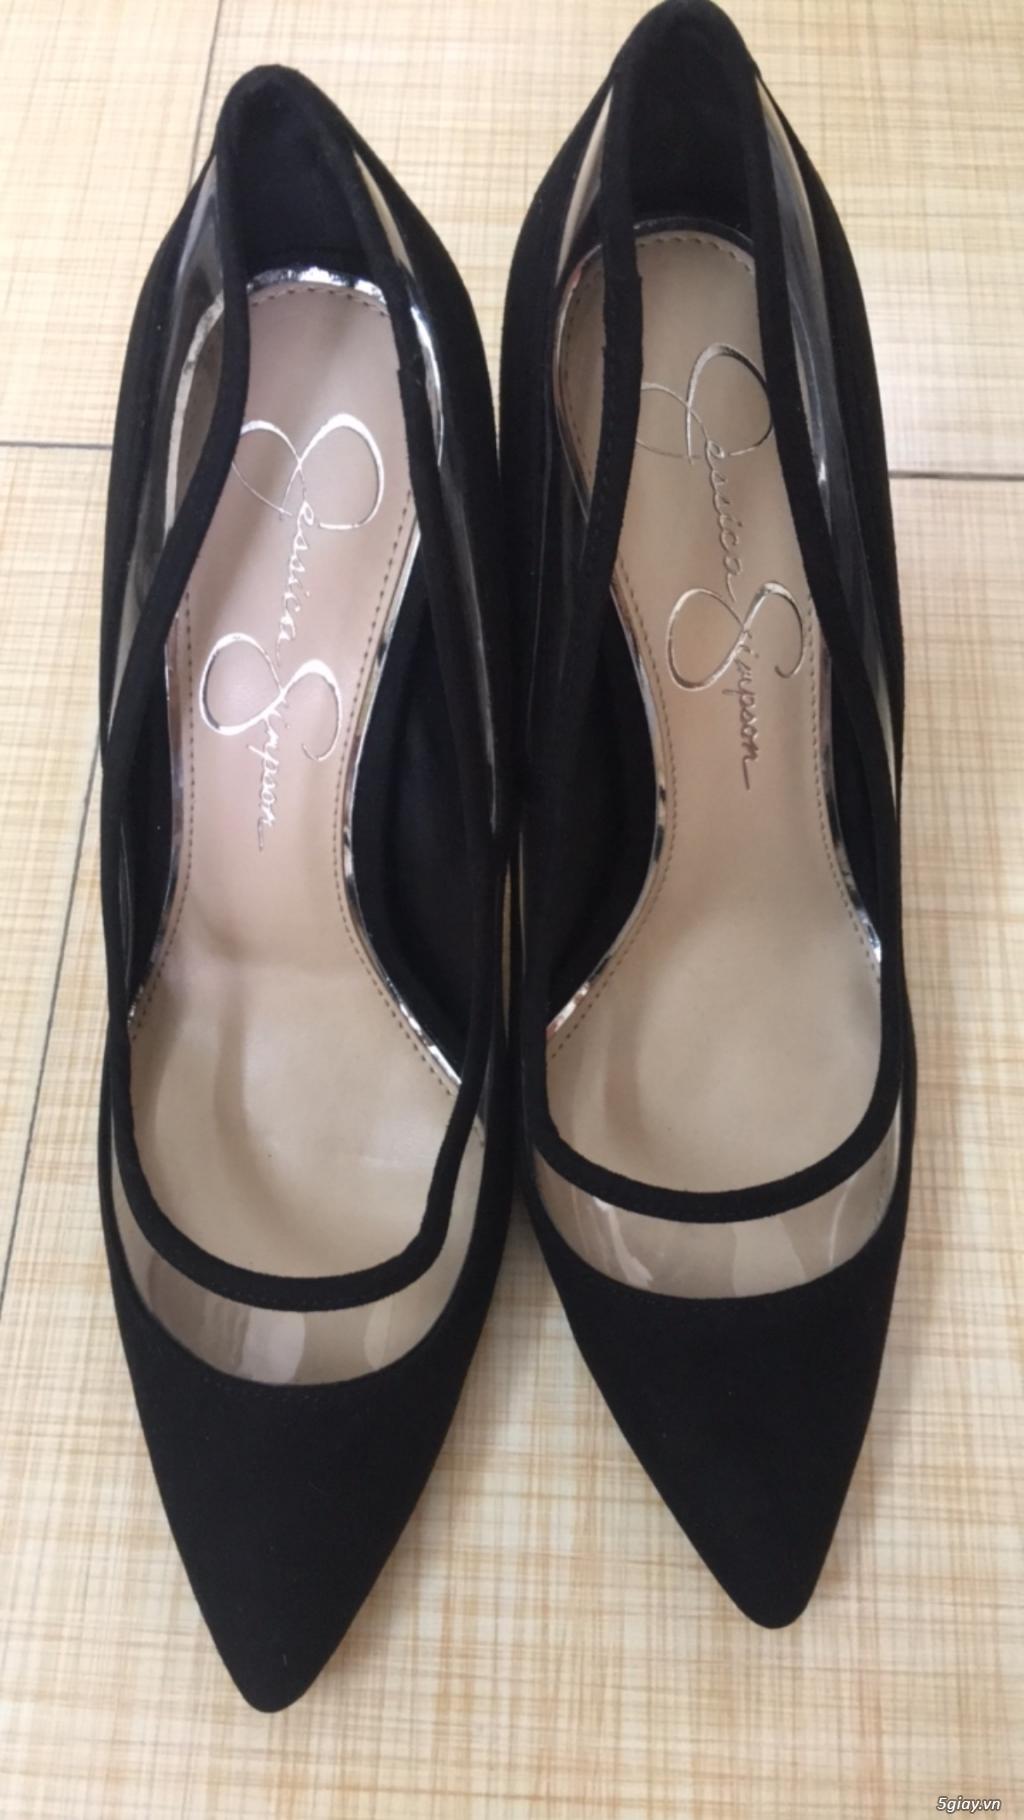 Vài mẫu giày cao gót hàng hãng made in vietnam - 2